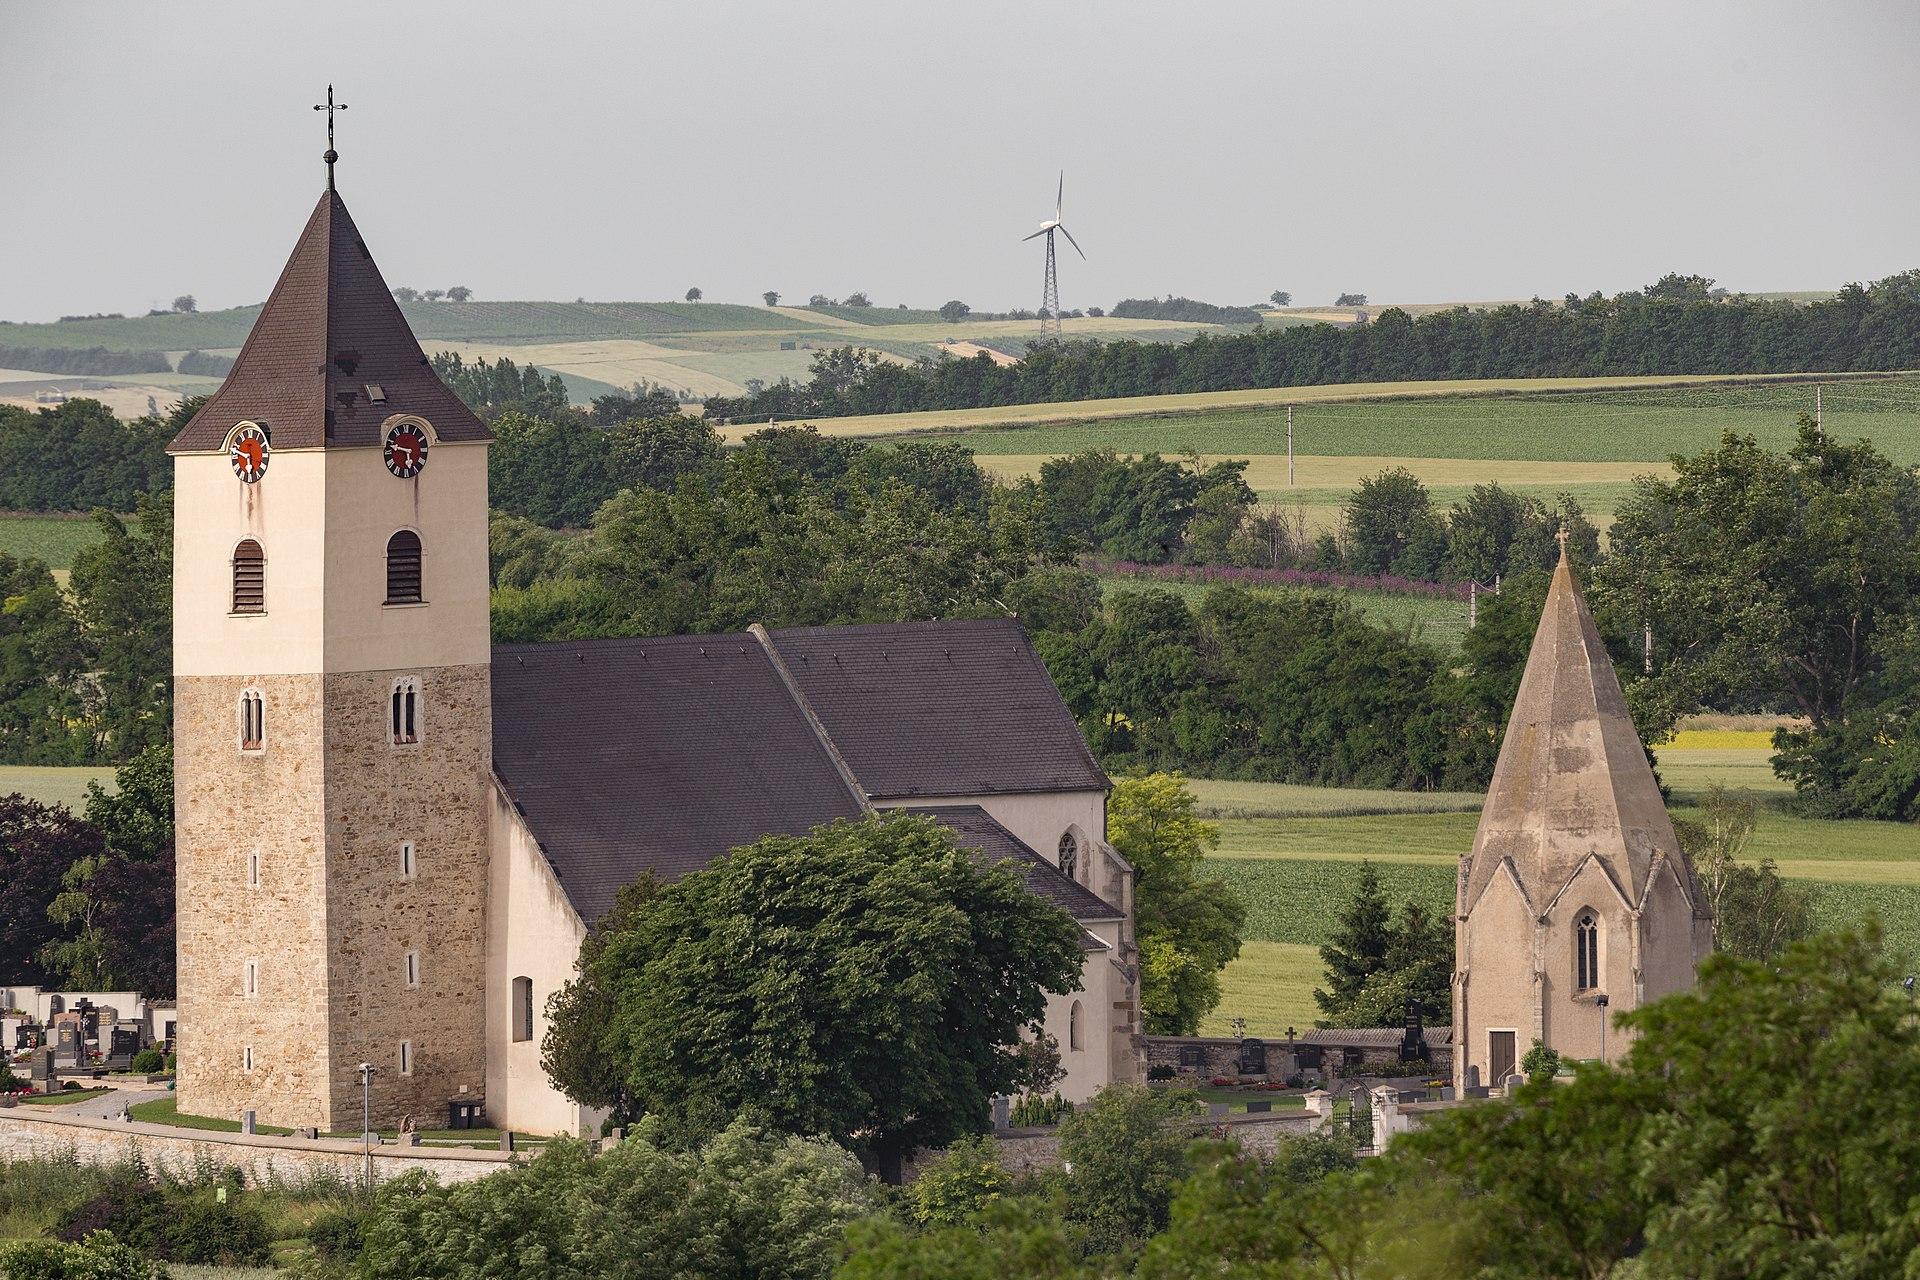 Zellerndorf